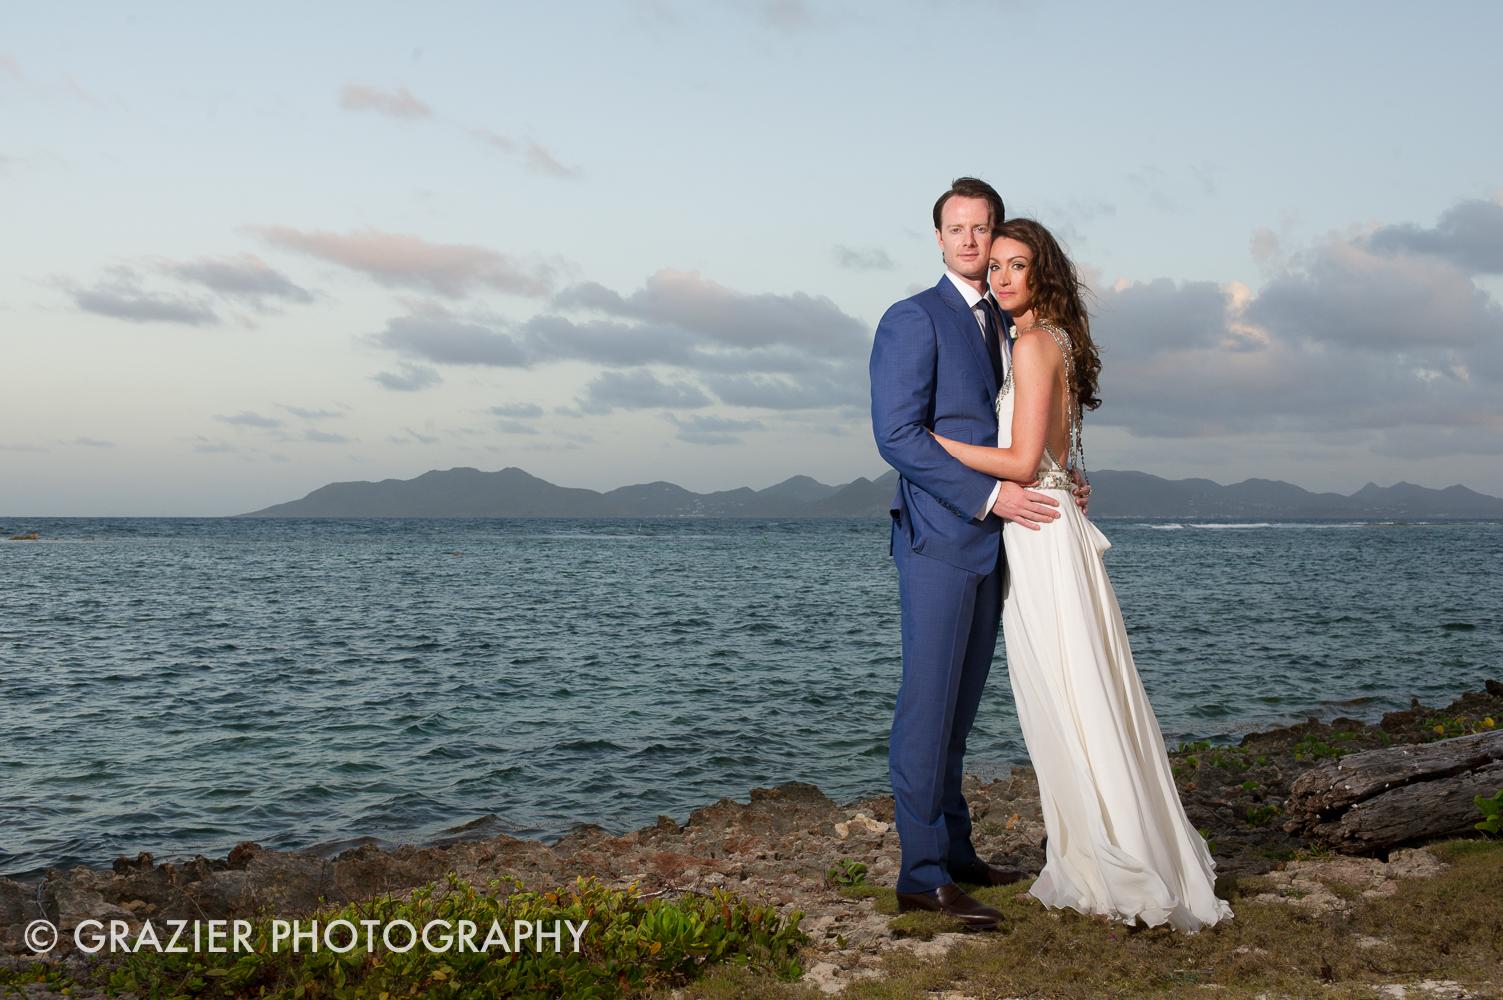 Anguilla-Wedding-GrazierPhotography_7.jpg